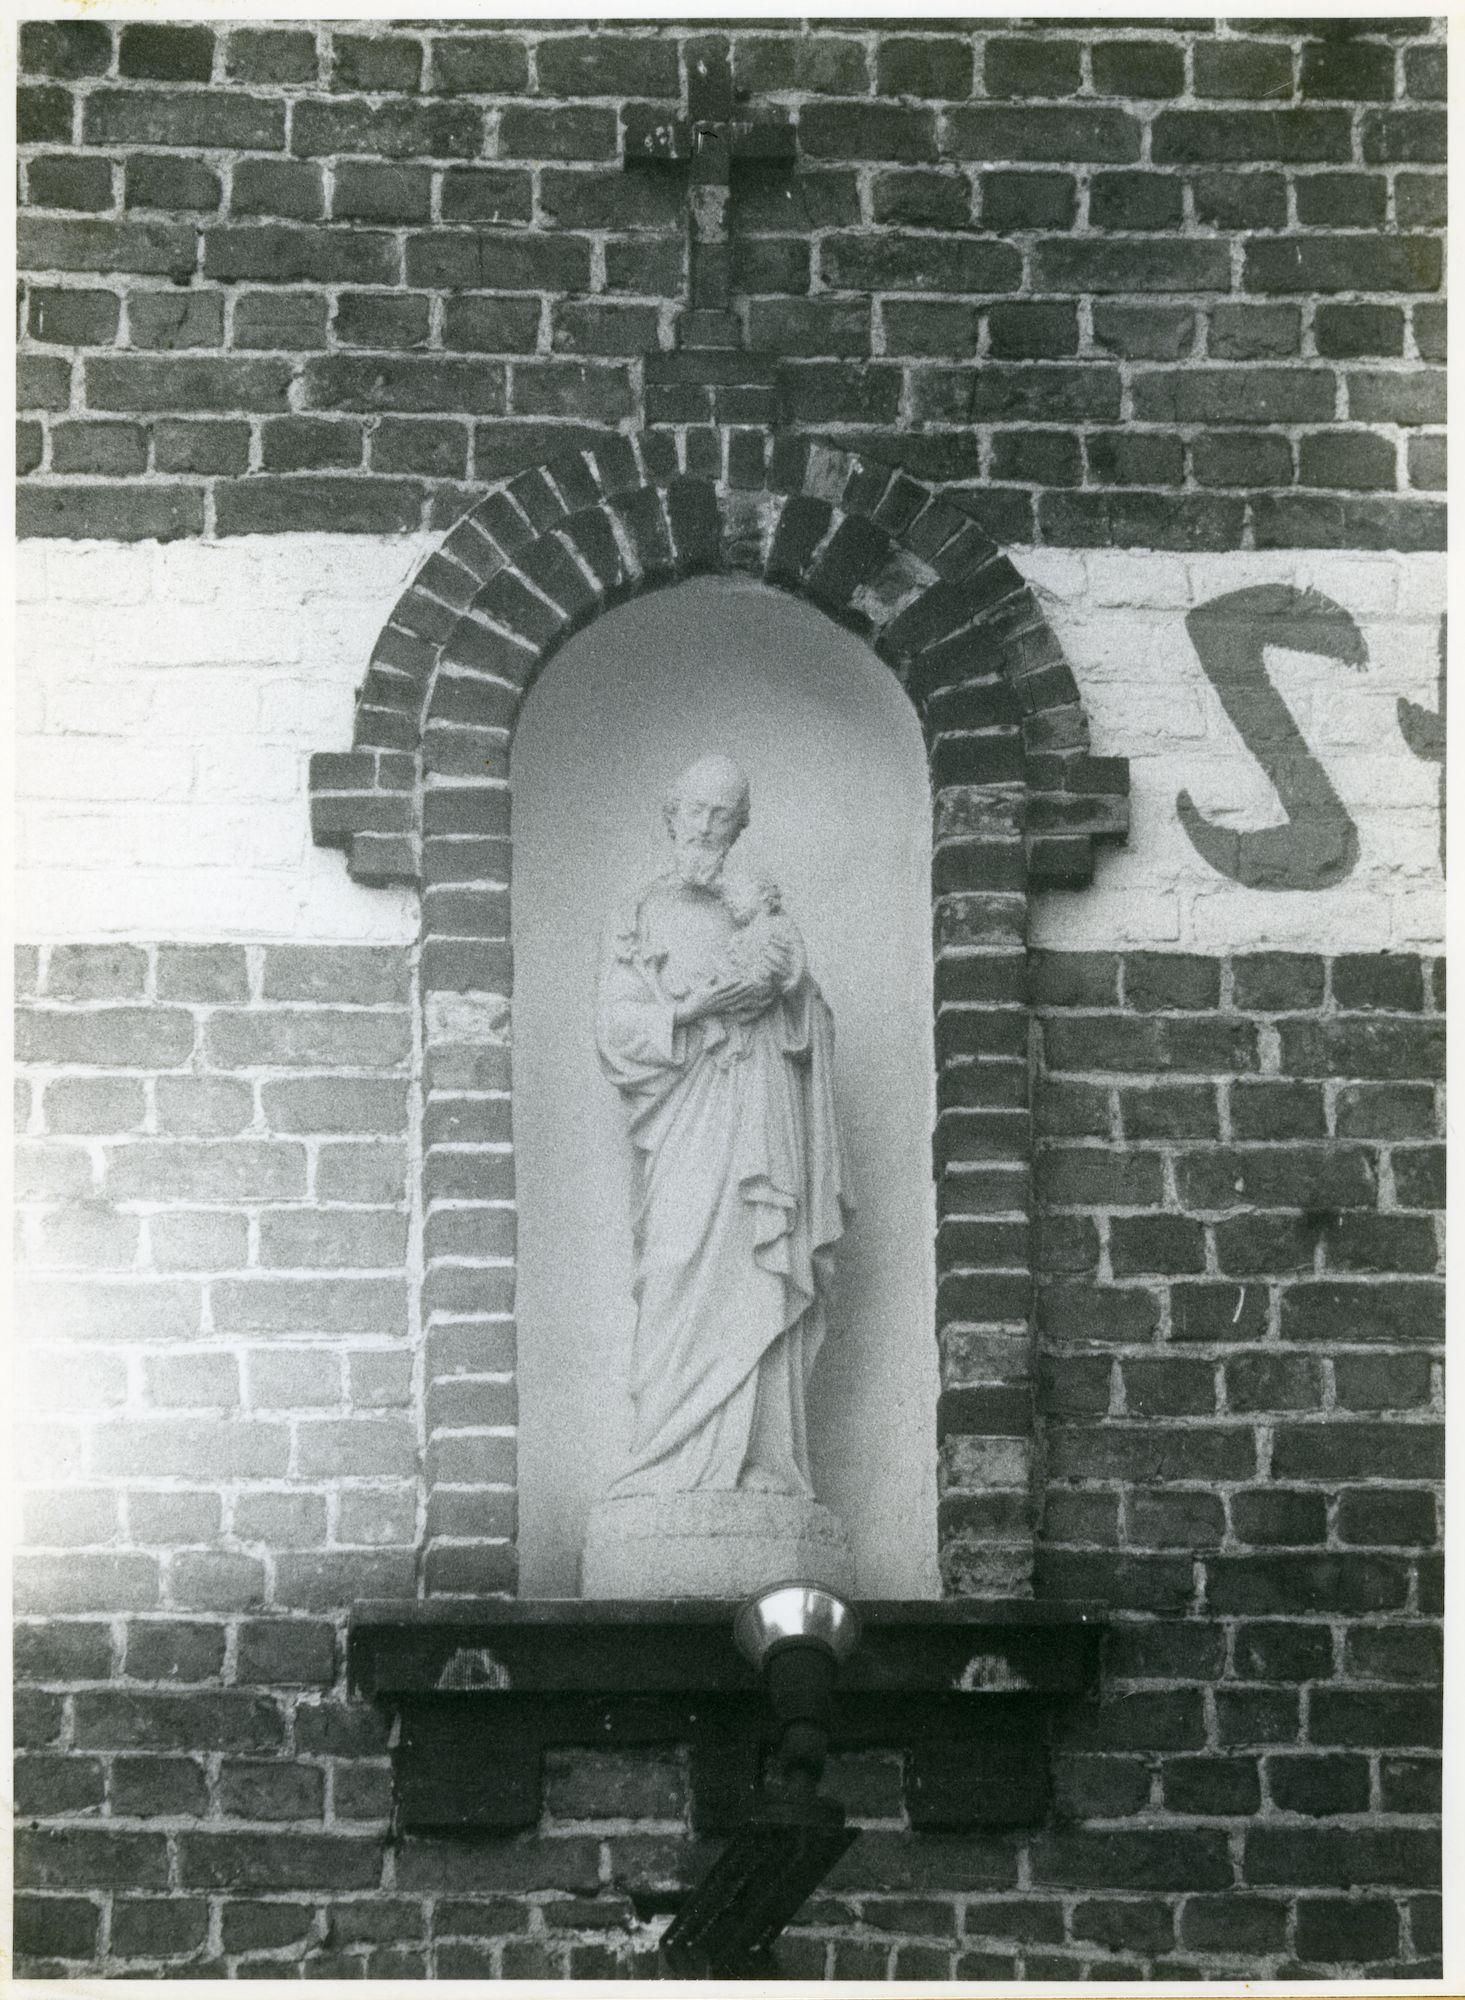 Oostakker: Gentstraat 360: Gevelbeeld, 1979